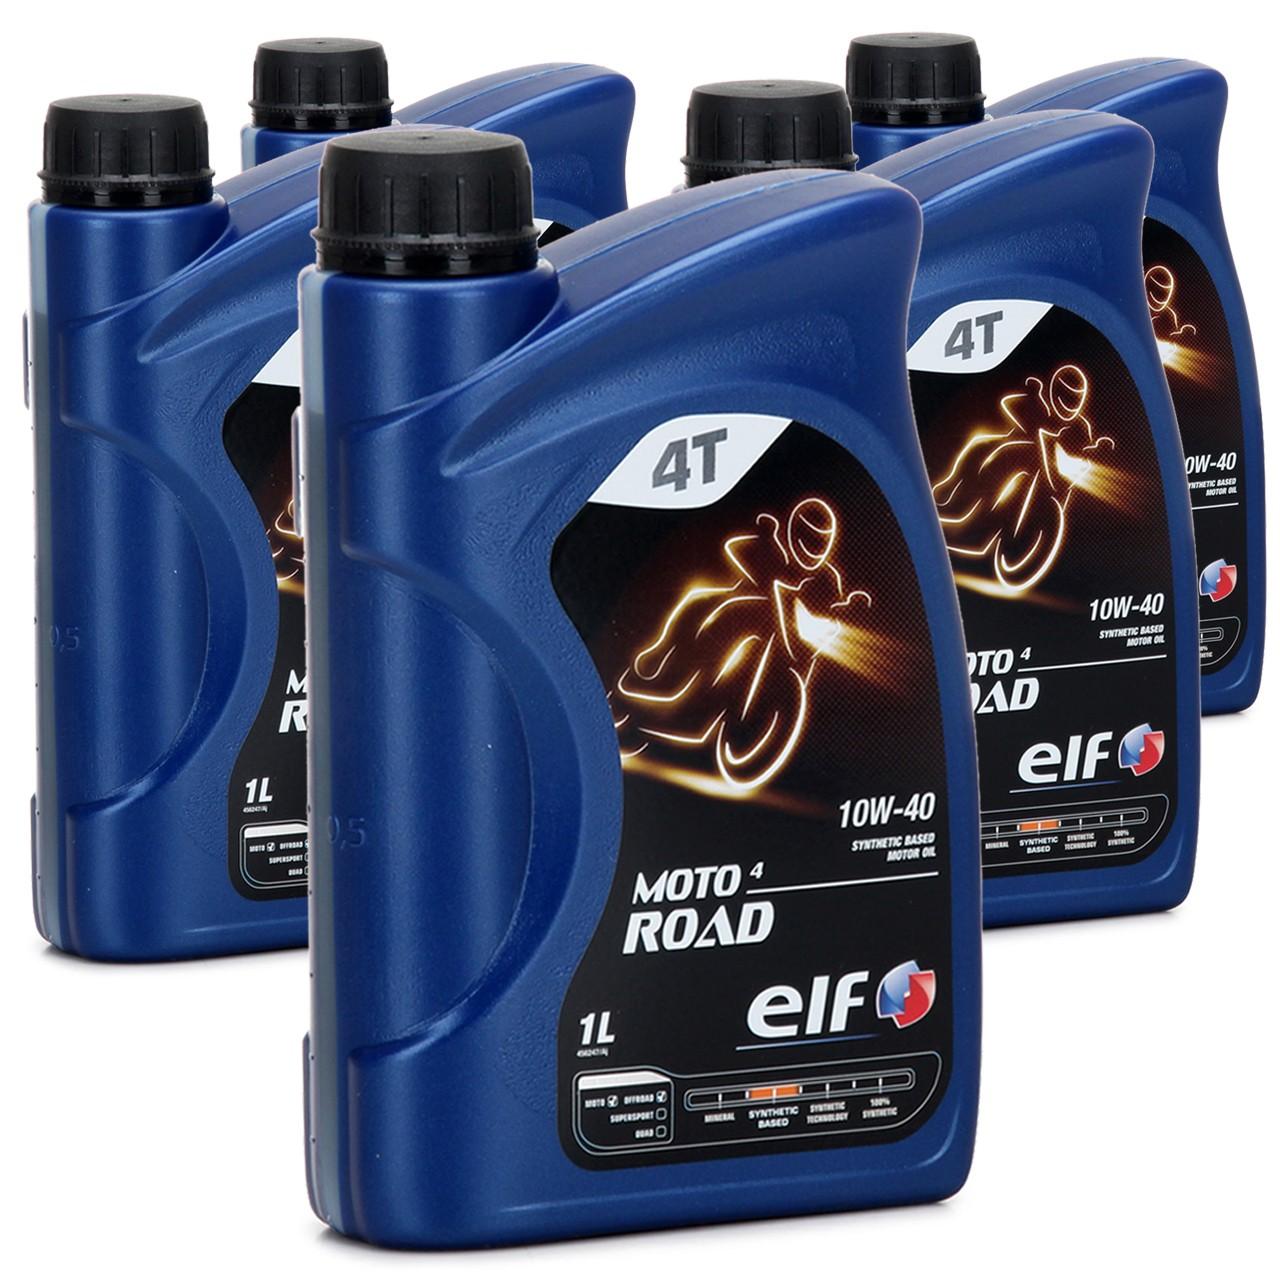 ELF Motoröl ÖL 4T 4-TAKT MOTO 4 ROAD 10W-40 10W40 JASO MA2 API SL - 5L 5 Liter